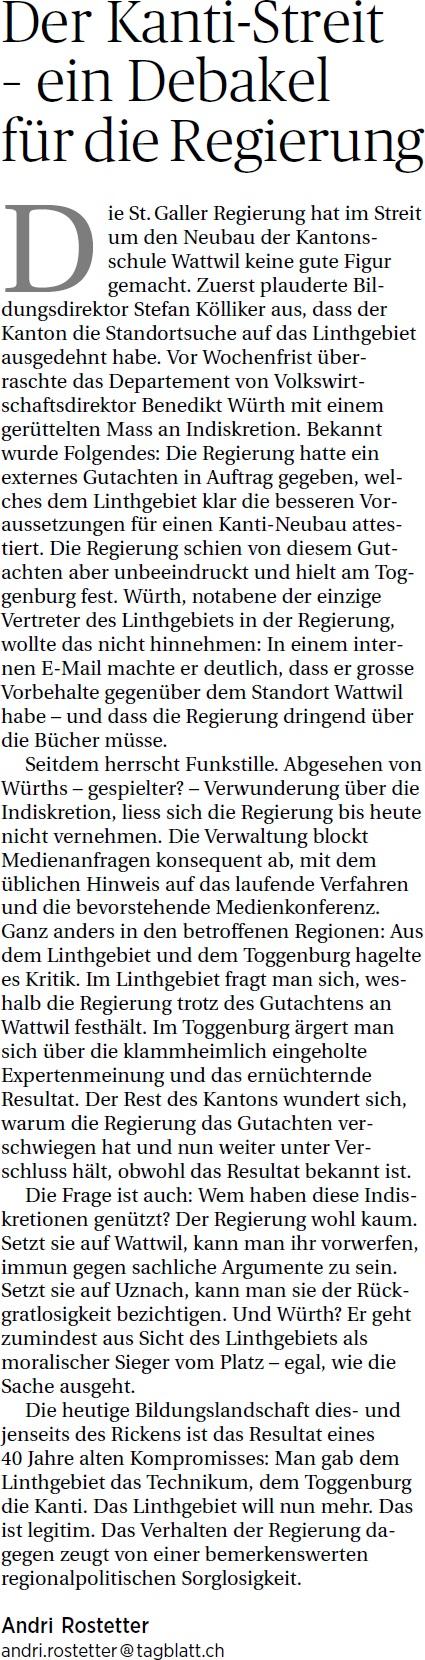 Der Kanti-Streit - ein Debakel für die Regierung (Sonntag, 04.05.2014)